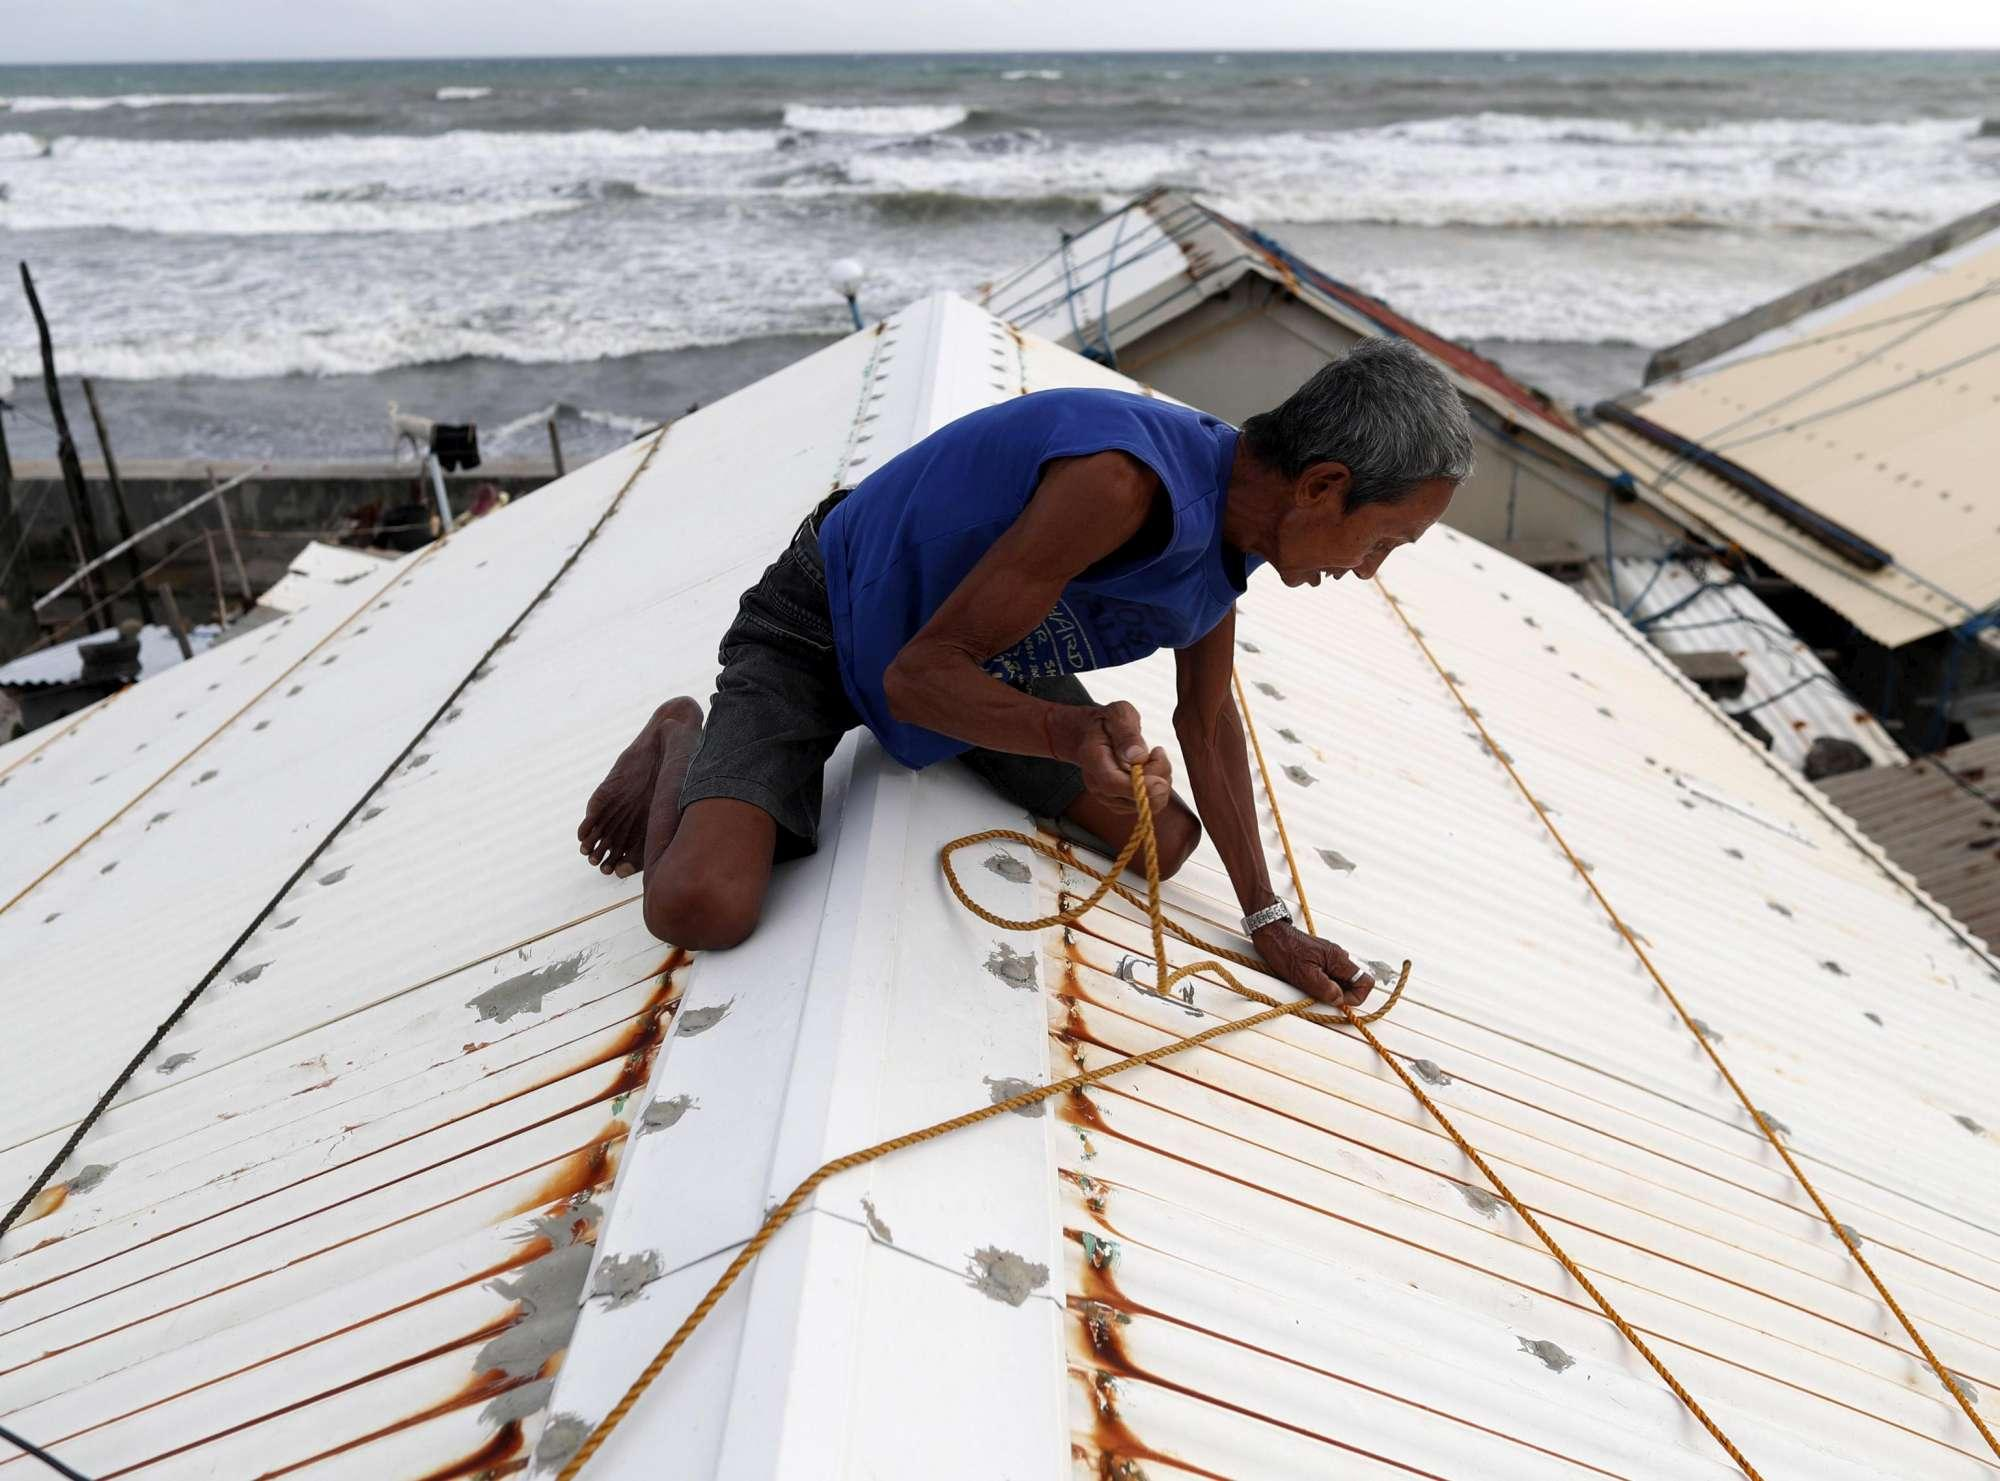 La furia del Tifone Mangkhut si abbatte su Hong Kong